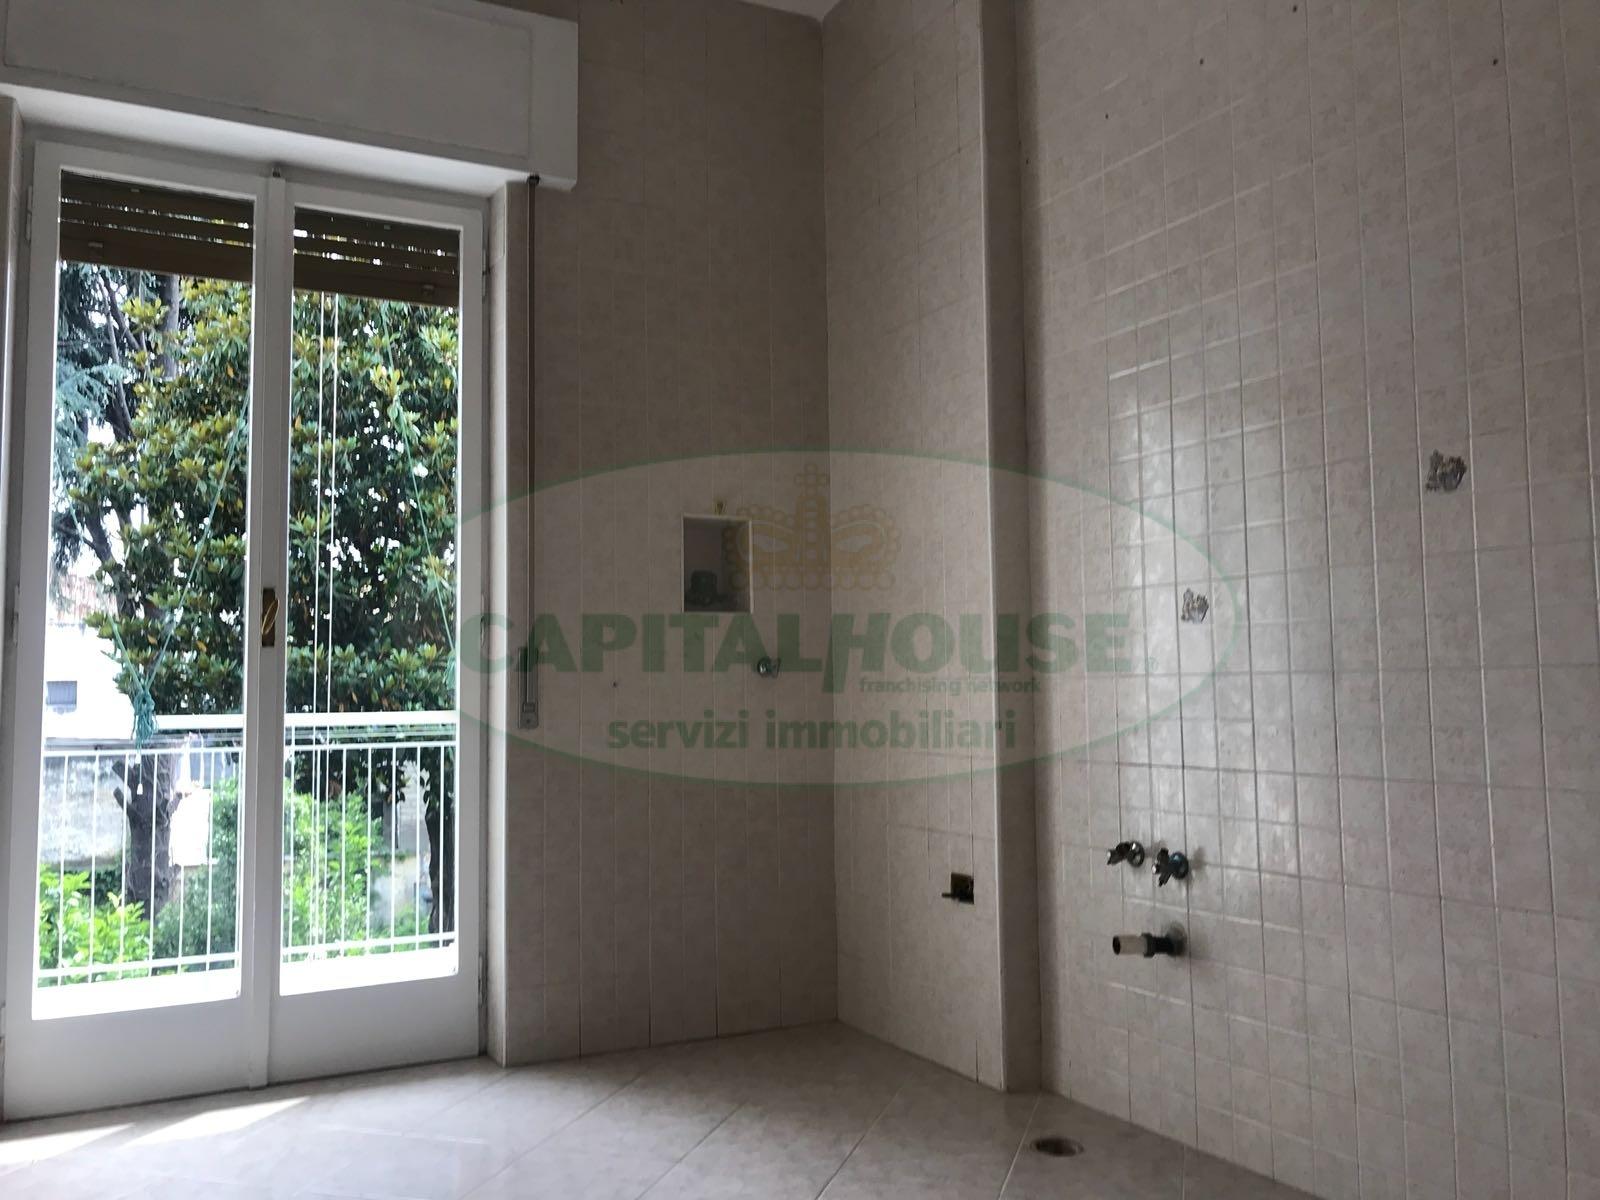 Appartamento in affitto a Afragola, 3 locali, zona Località: S.Antonio, prezzo € 480 | CambioCasa.it